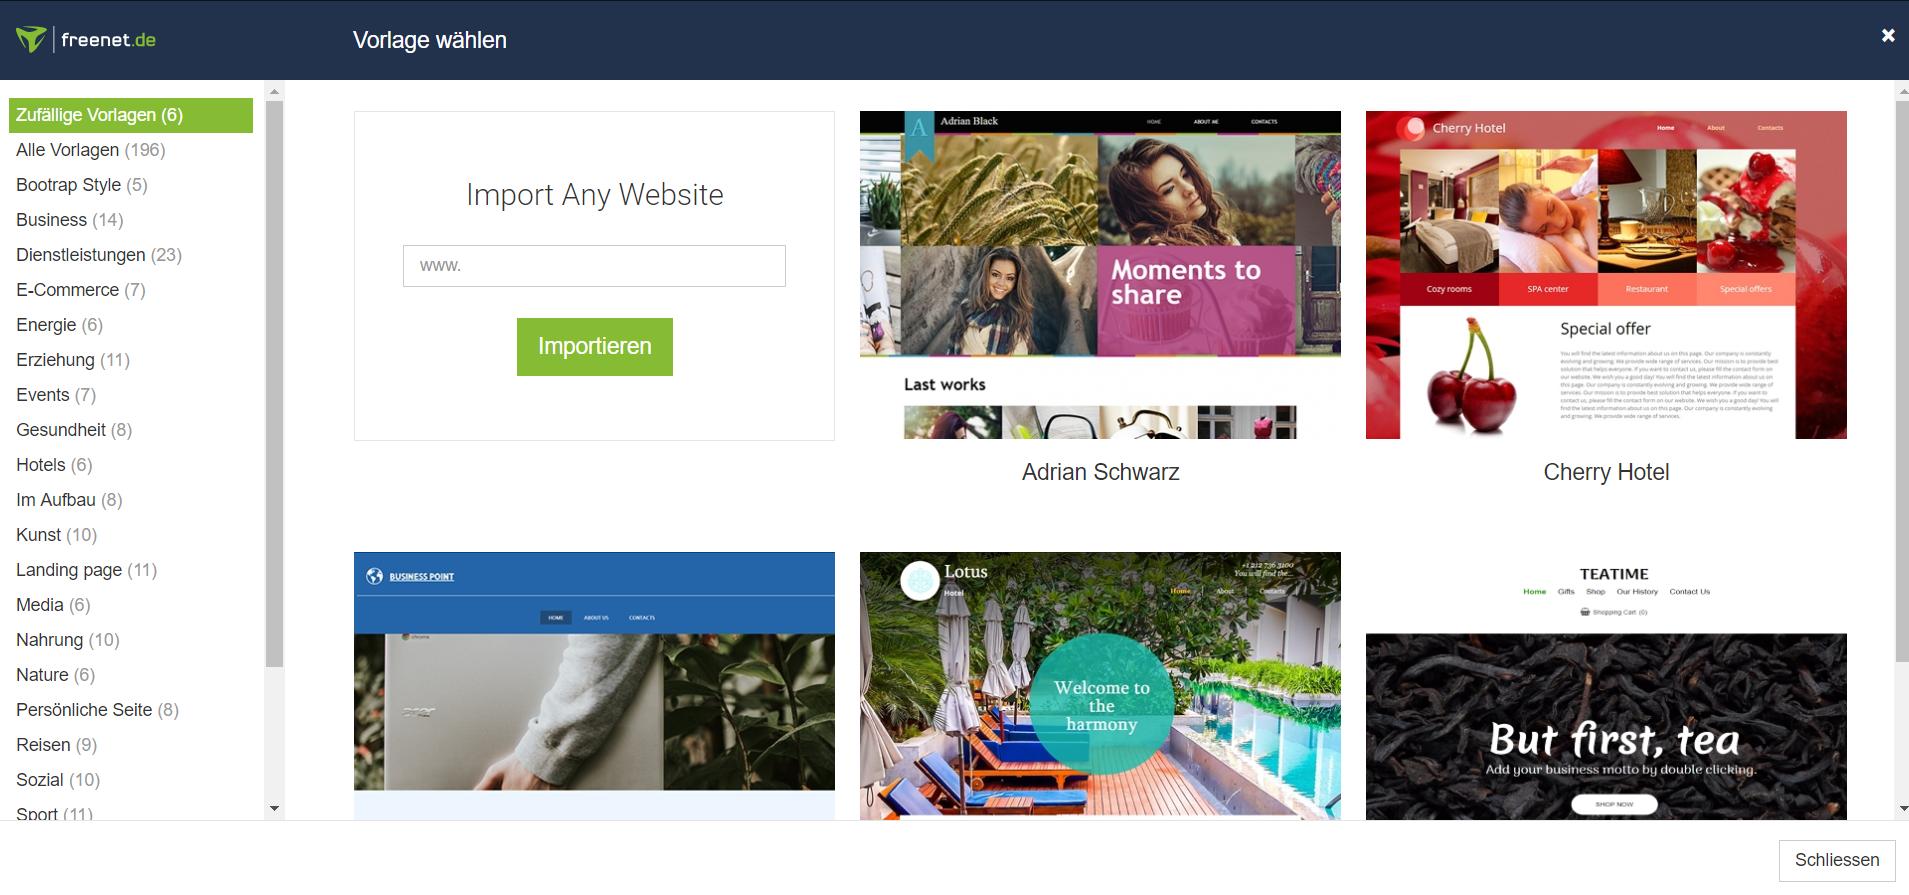 Vorlagen Homepage-Baukasten